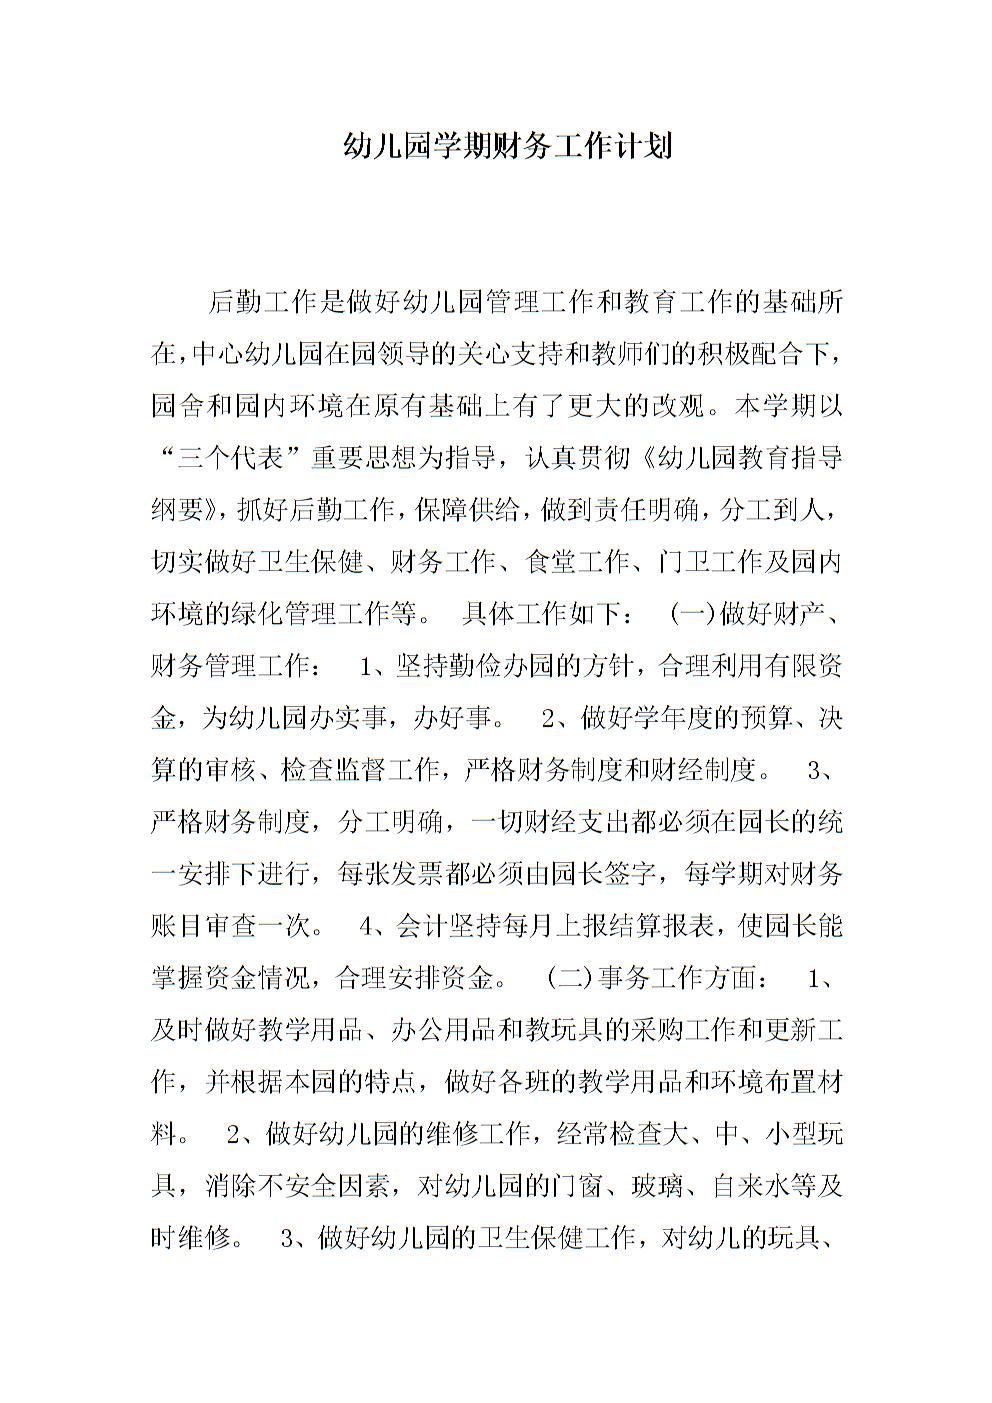 幼儿园学期财务工作计划范文.doc